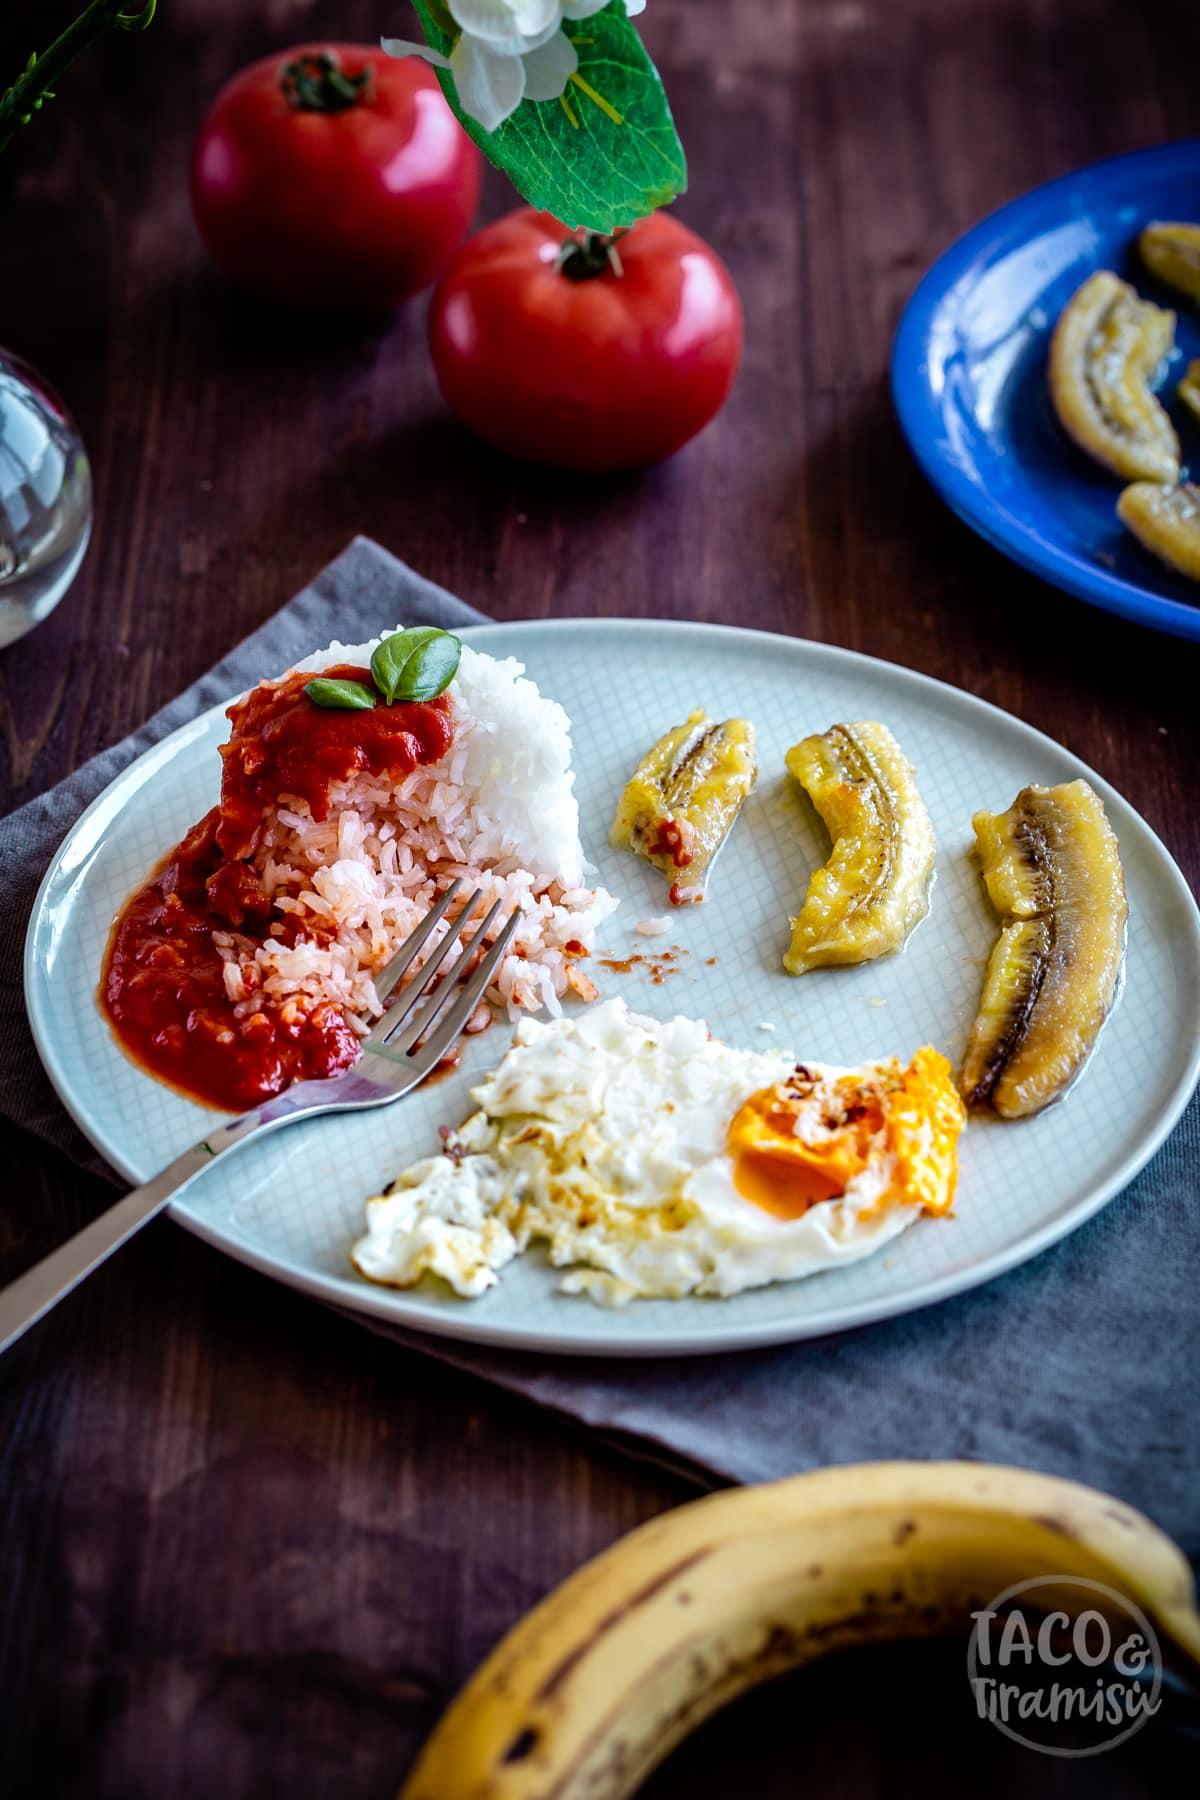 arroz a la Cubana in a plate being eaten with a fork inside